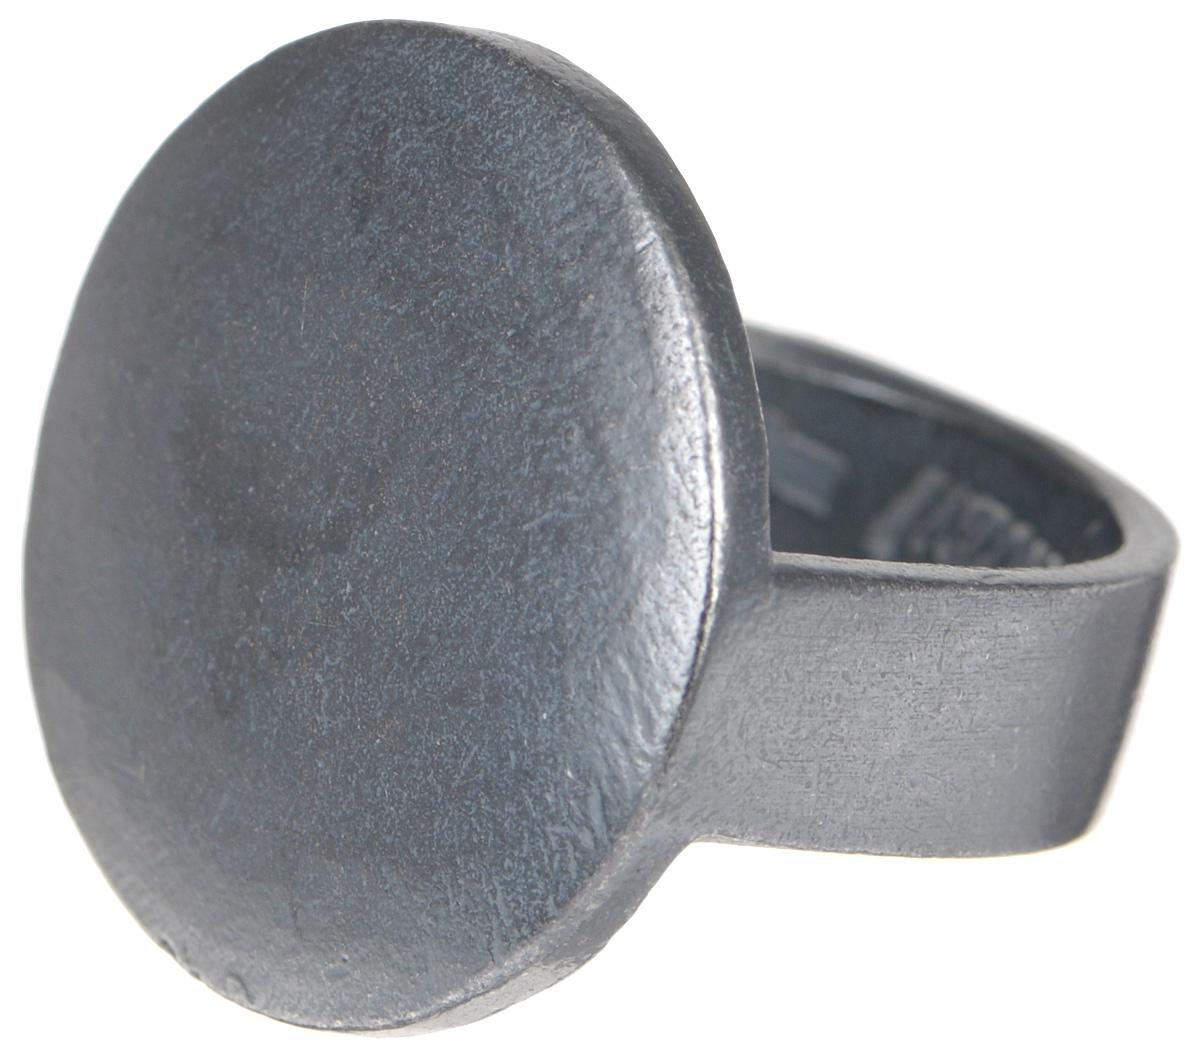 Кольцо Jenavi Mona. Сотиле, цвет: серый. k479o090. Размер 19k479o090Оригинальное кольцо от Jenavi Mona. Сотиле изготовлено из качественного металла с покрытием из черного оксида. Внутренняя сторона изделия оформлена тисненой надписью с названием бренда. Такое стильное кольцо сделает ваш образ интересным и подчеркнет вашу индивидуальность.